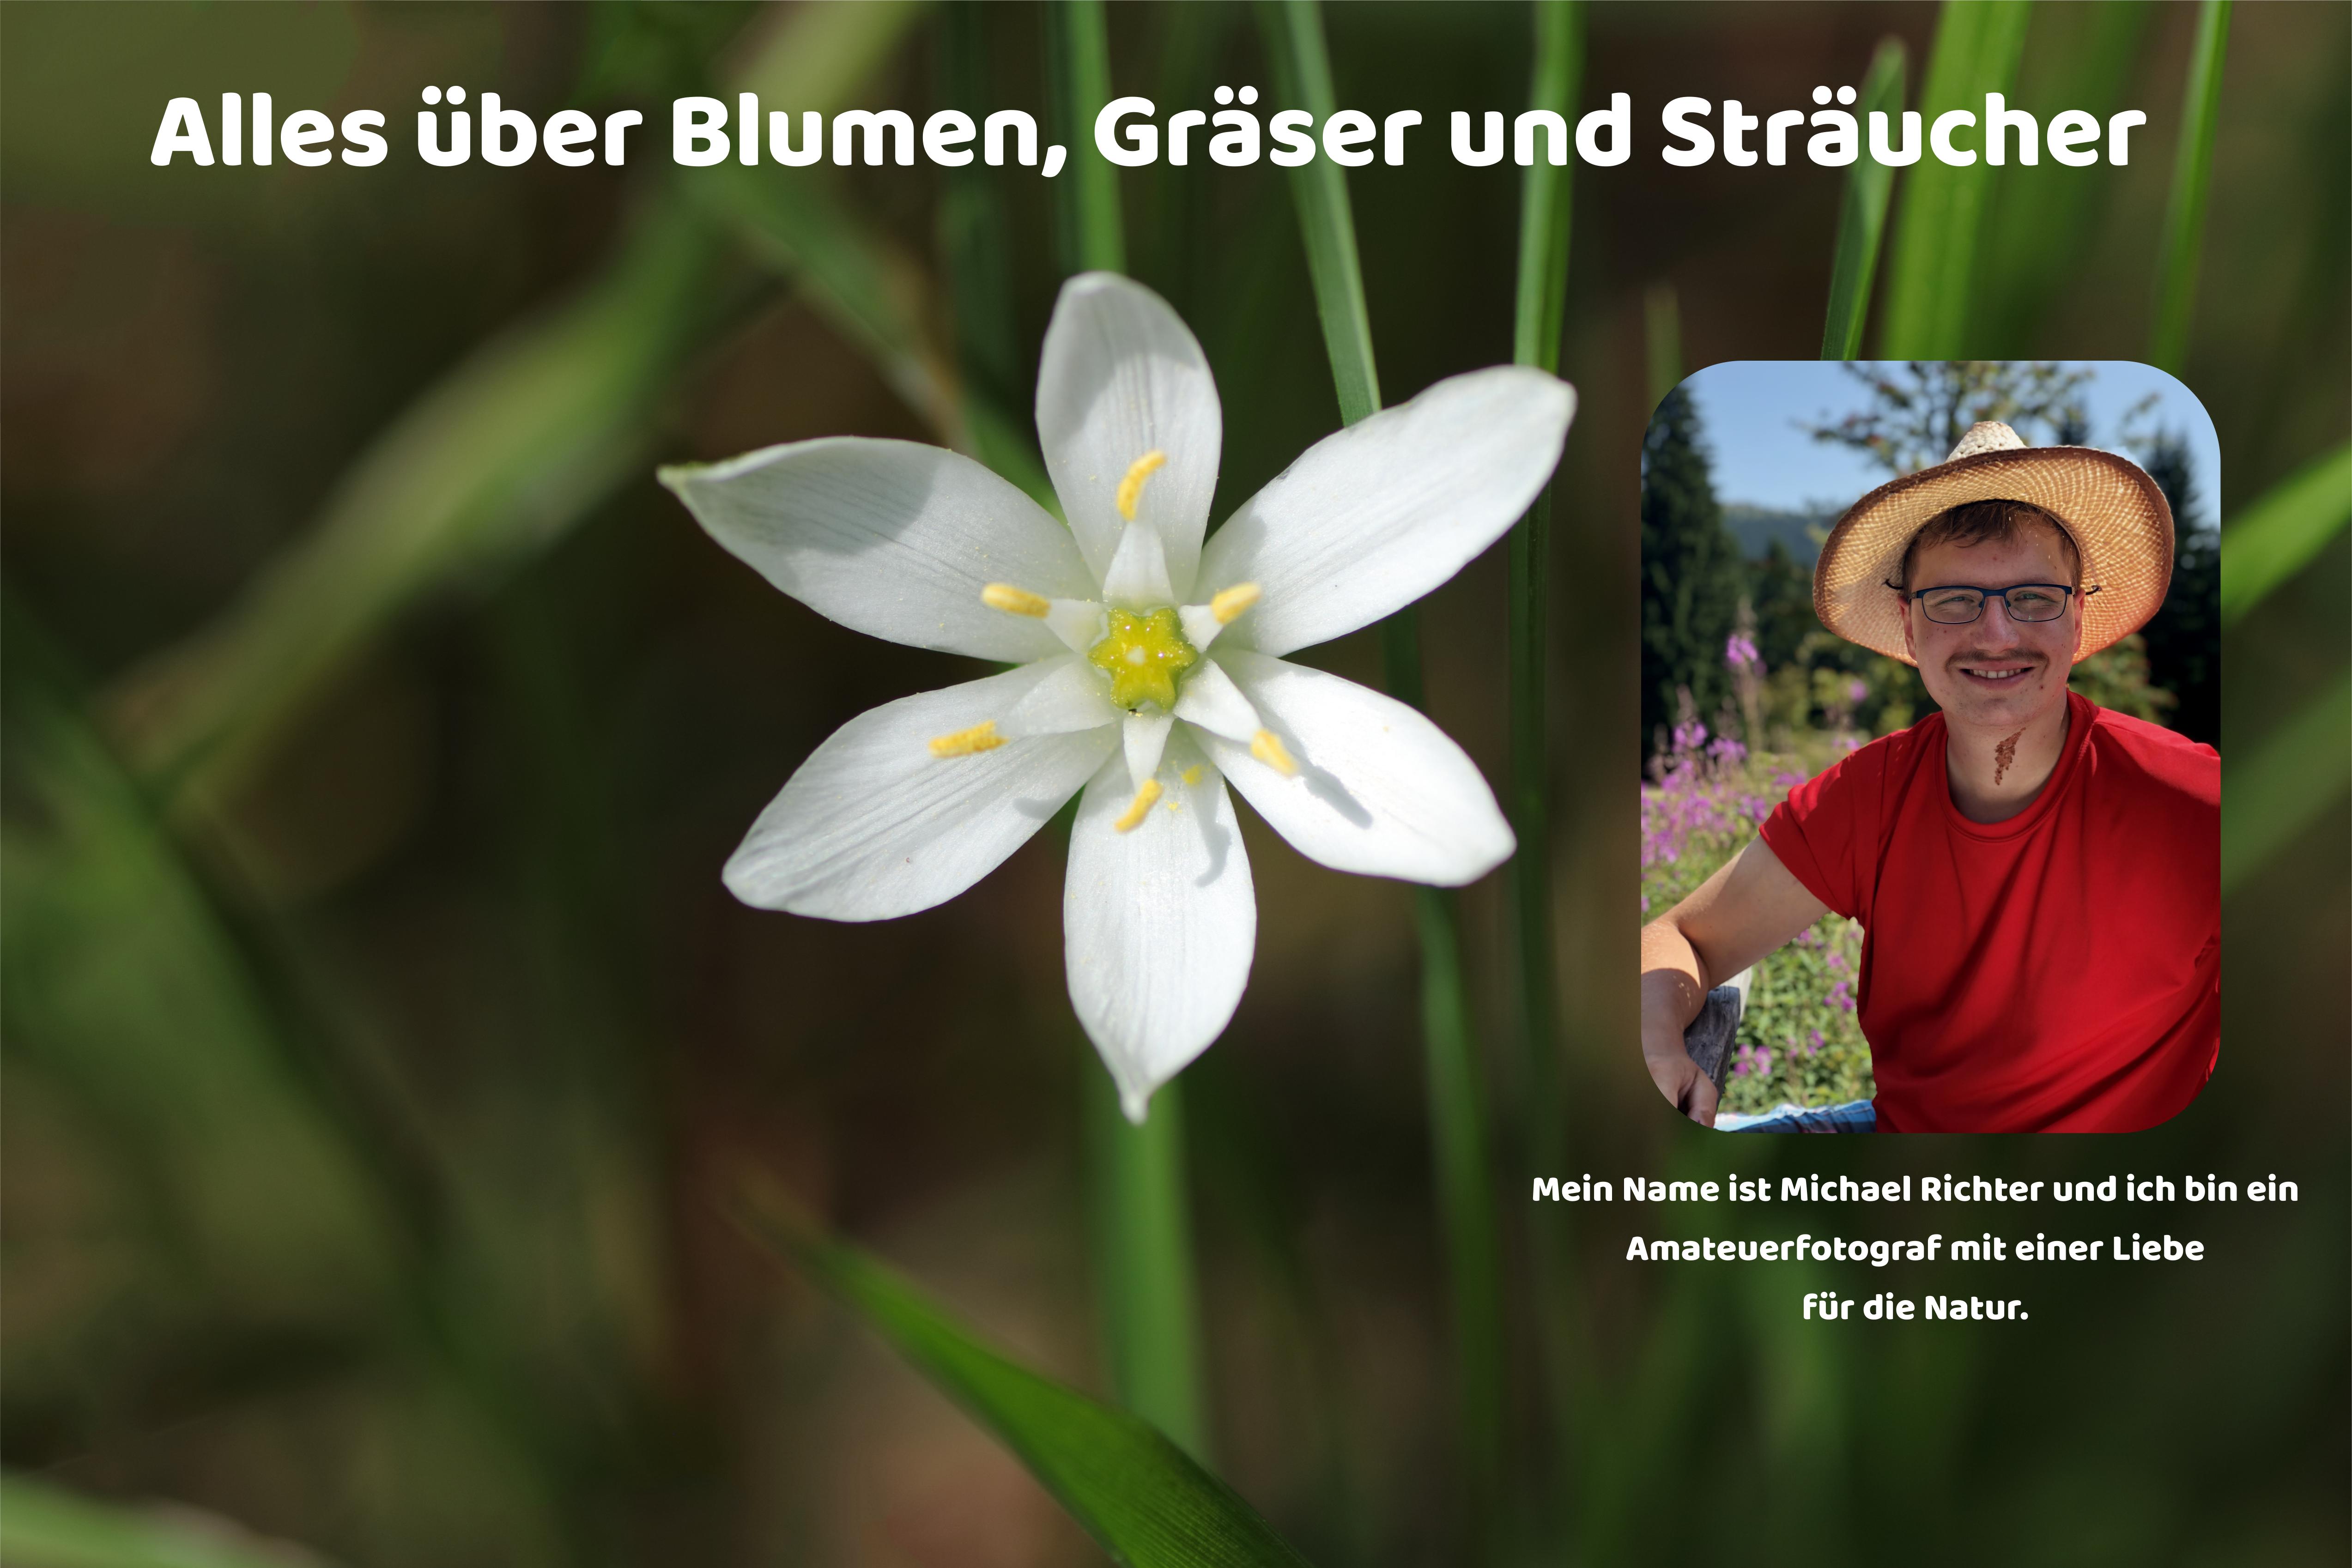 Über mich - Blumen und Natur